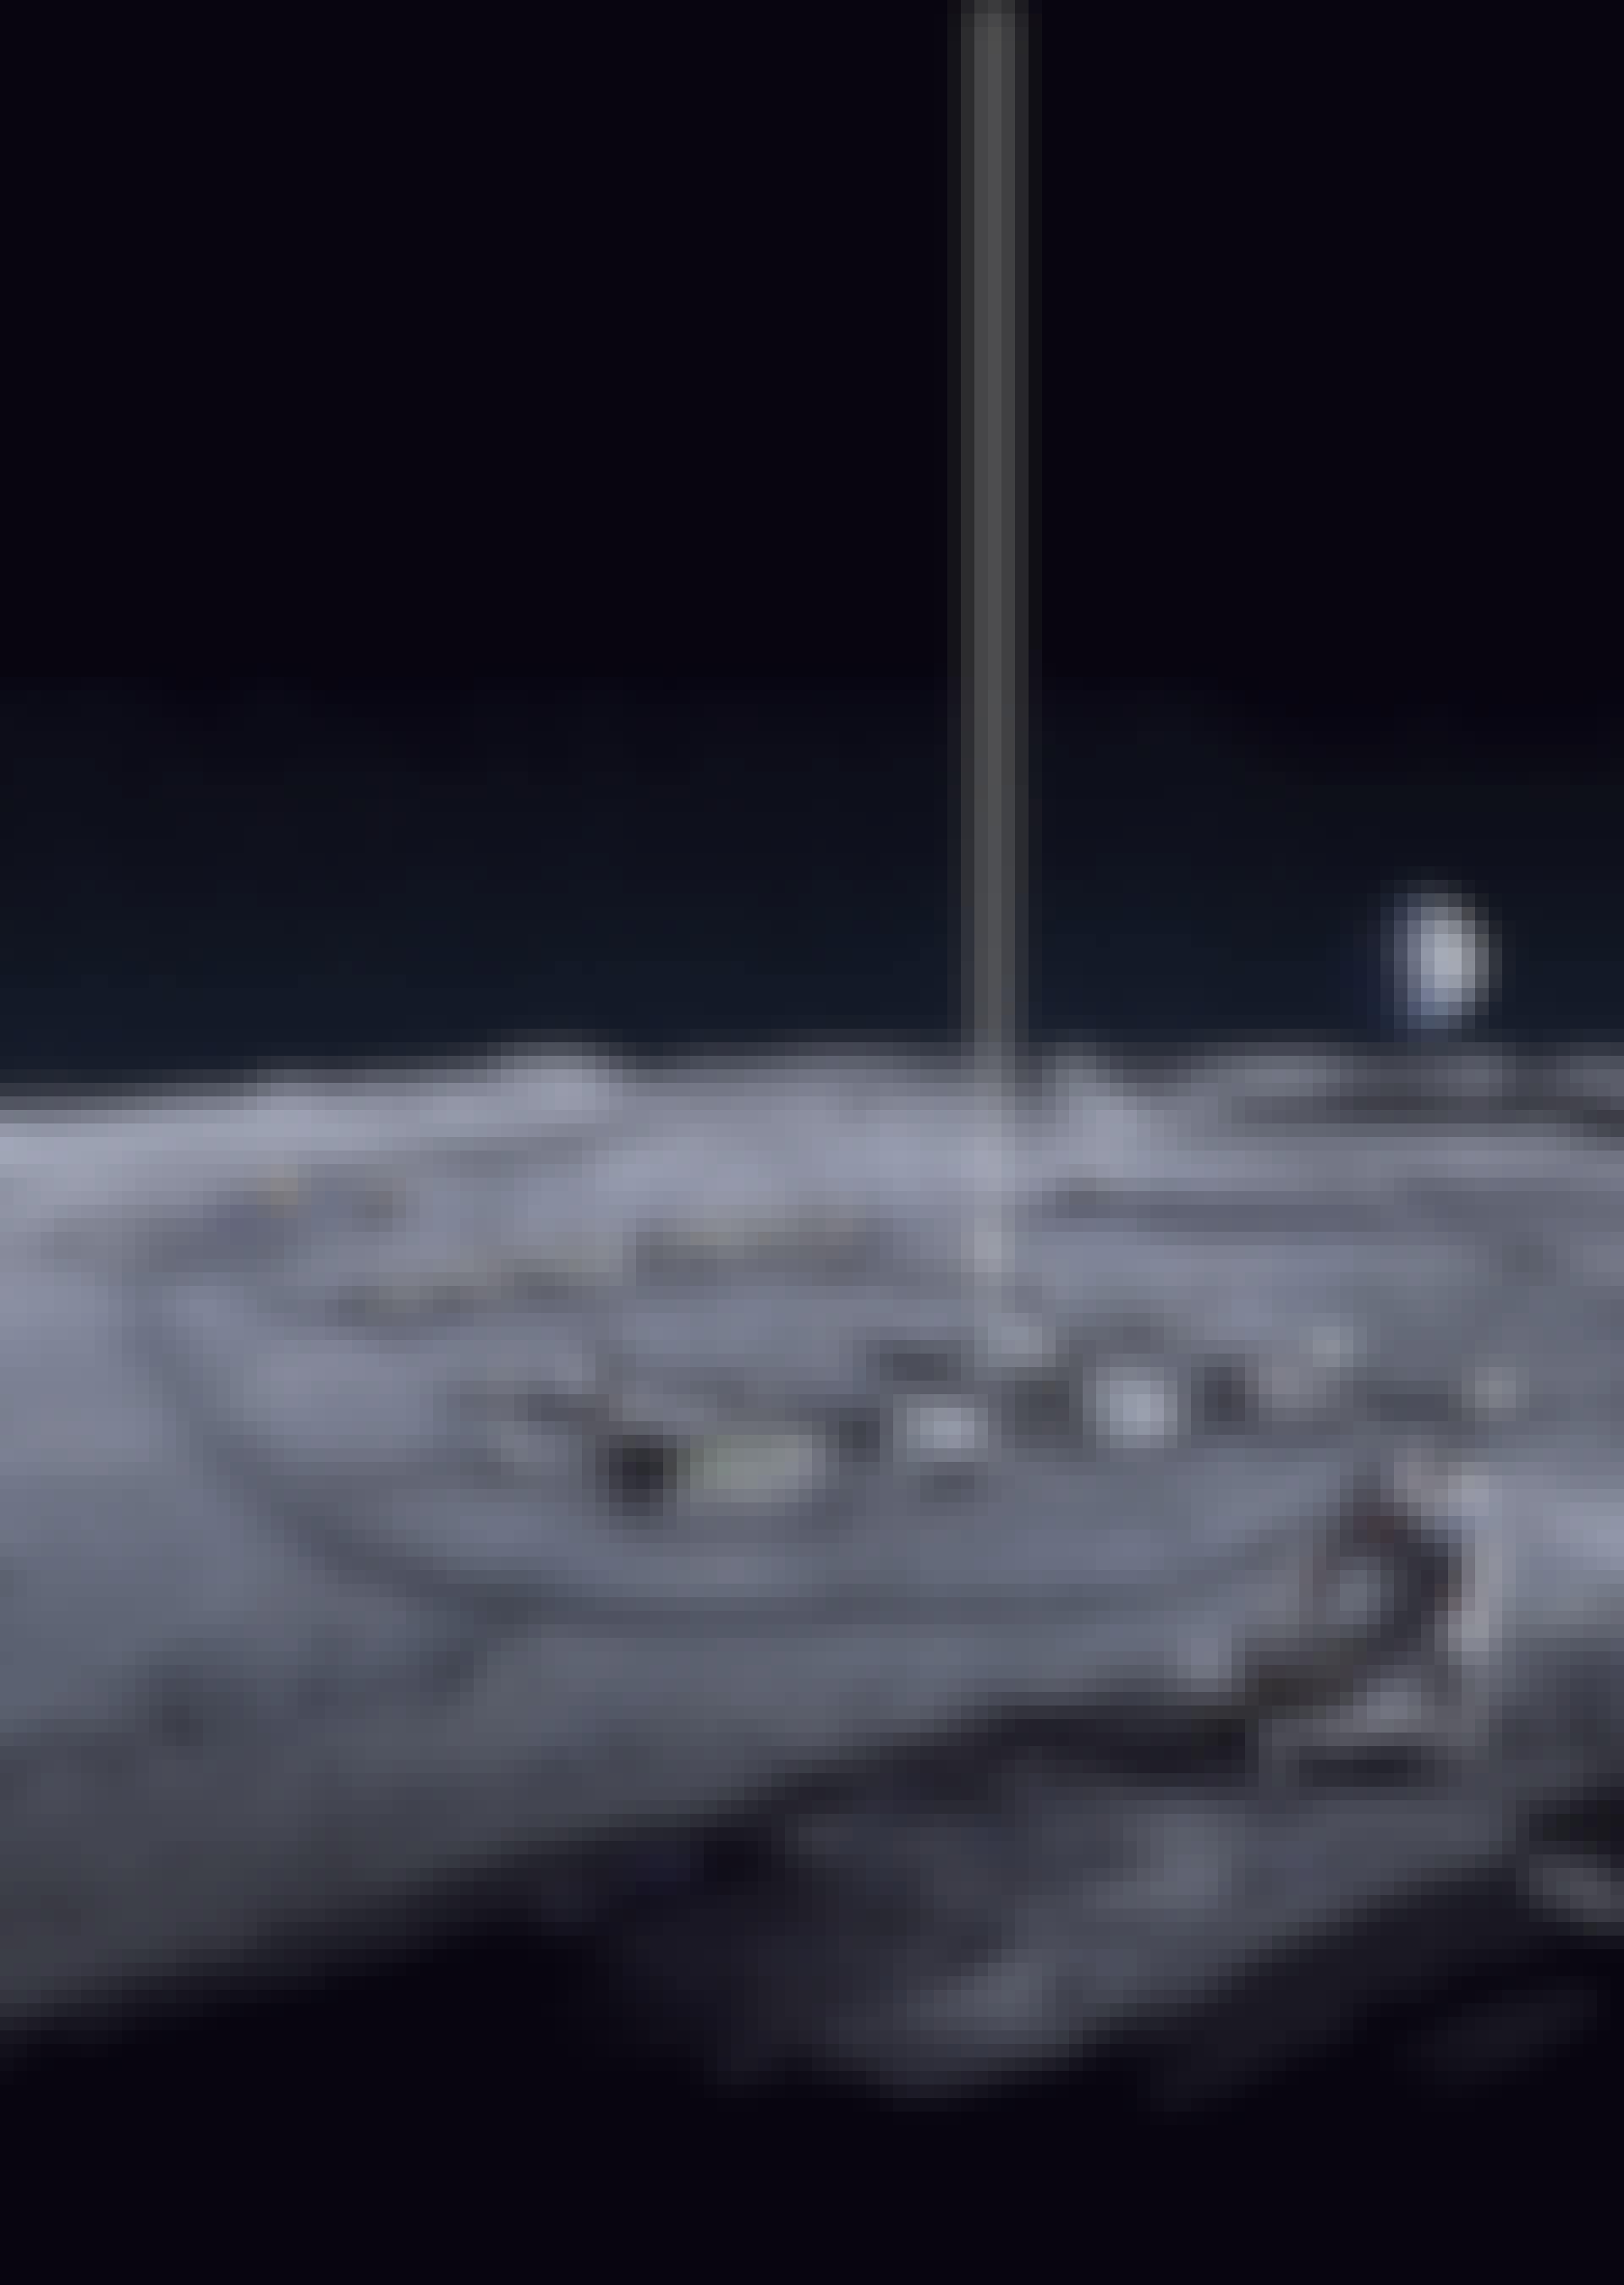 Månebase - beskyttelse